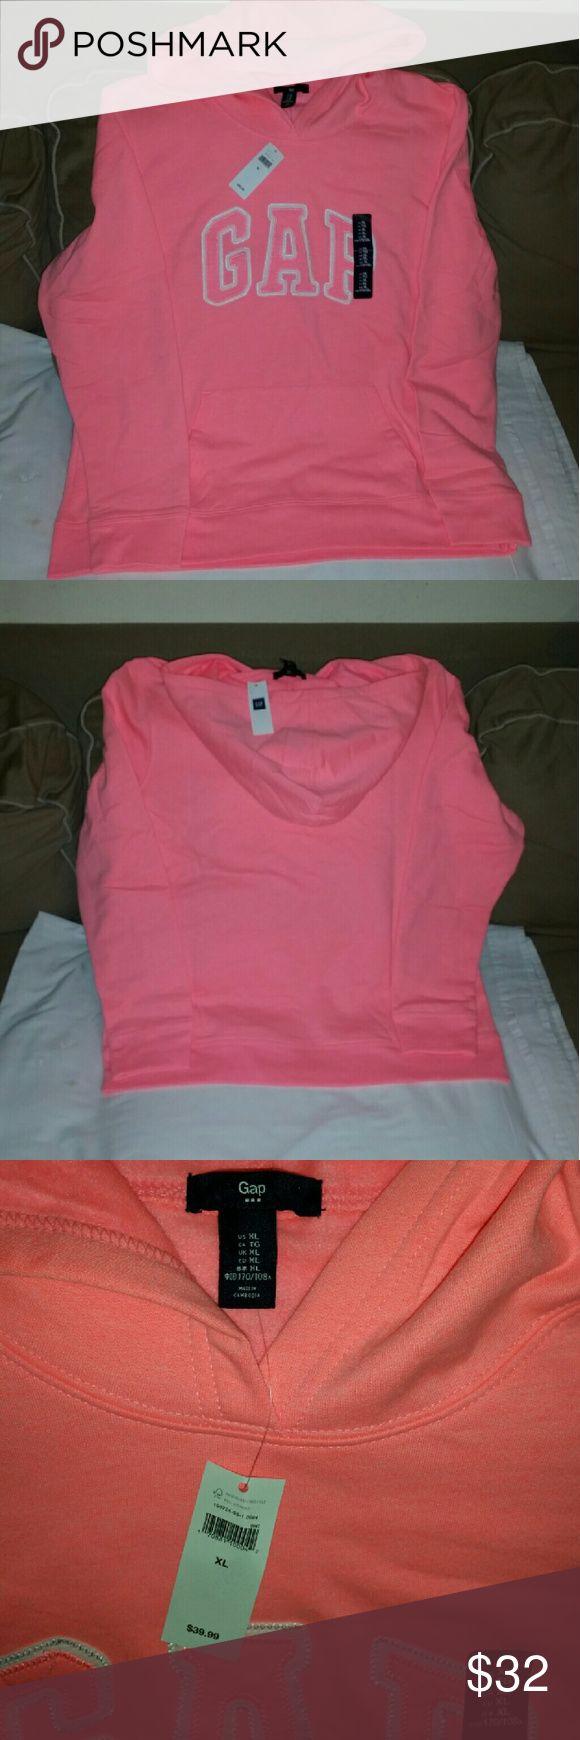 Ladies GAP sweat shirt Brand new/ color is like peach/pink GAP Tops Sweatshirts & Hoodies